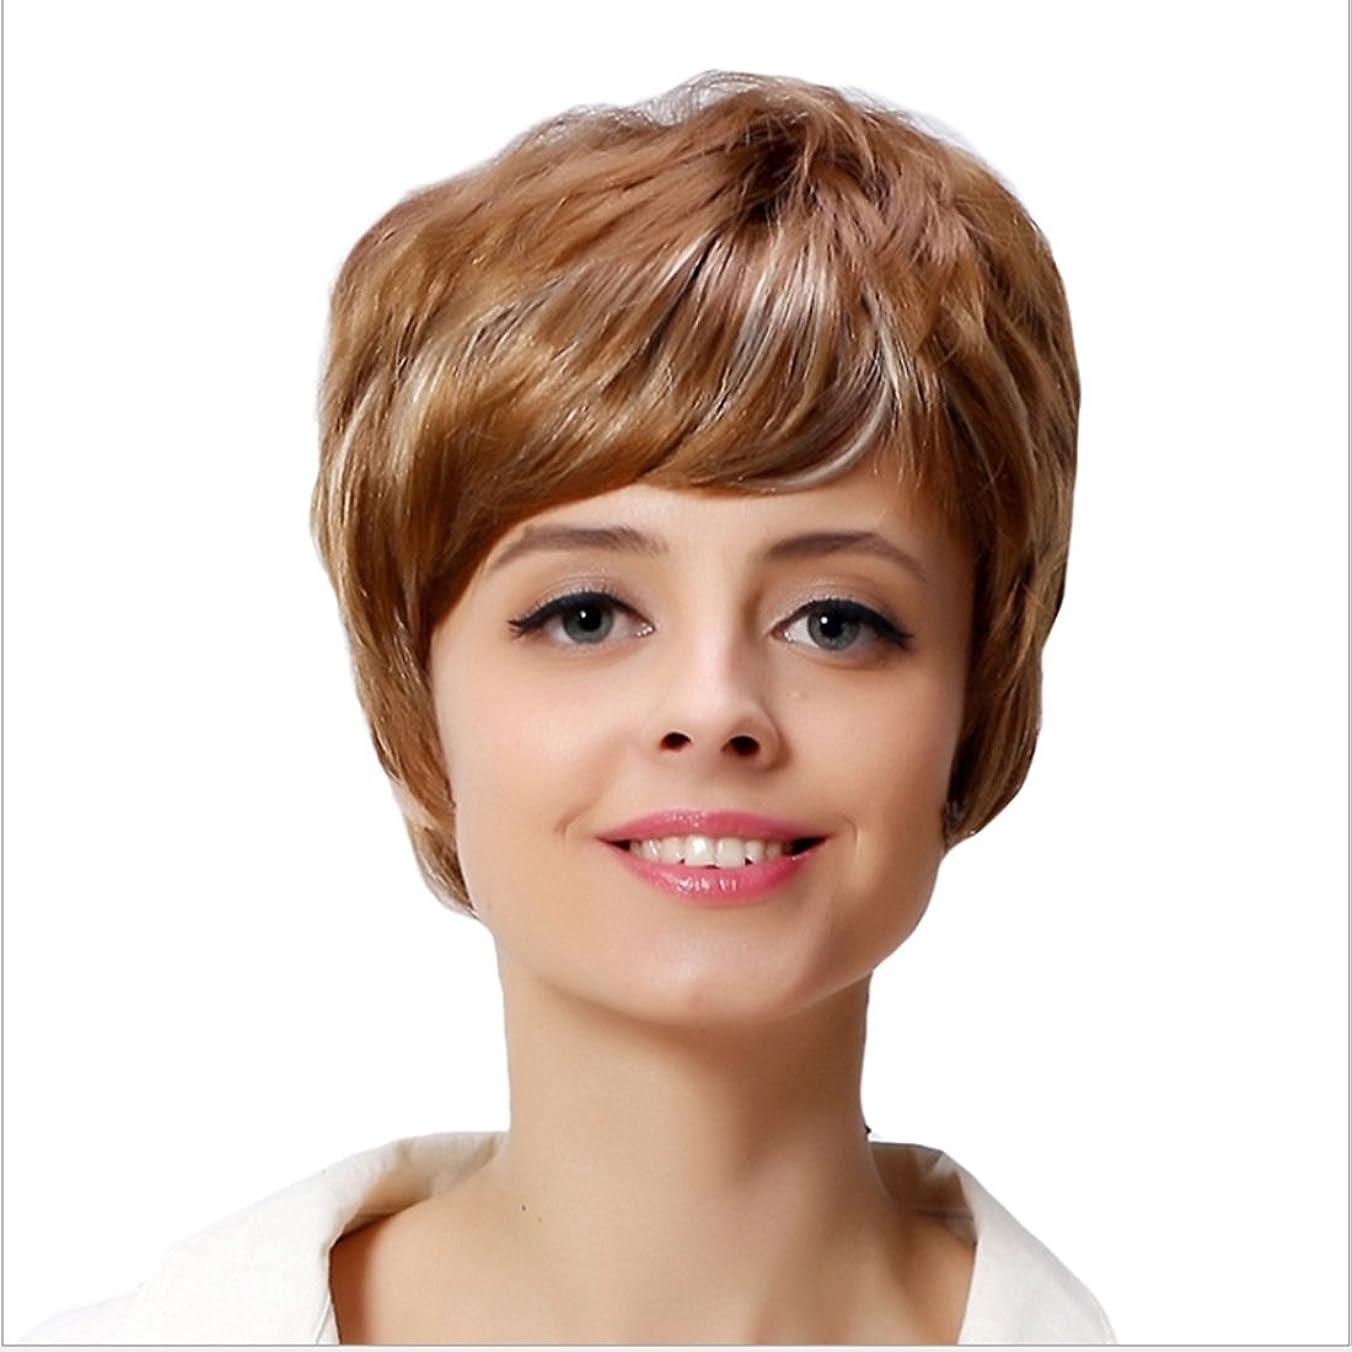 追加する薬剤師顔料Koloeplf 女性のための10inch / 12inchショートウェーブゴールドウィッグ白い女性のためのフラットバンズヘアとカーリー耐熱ウィッグ180g (サイズ : 10inch)